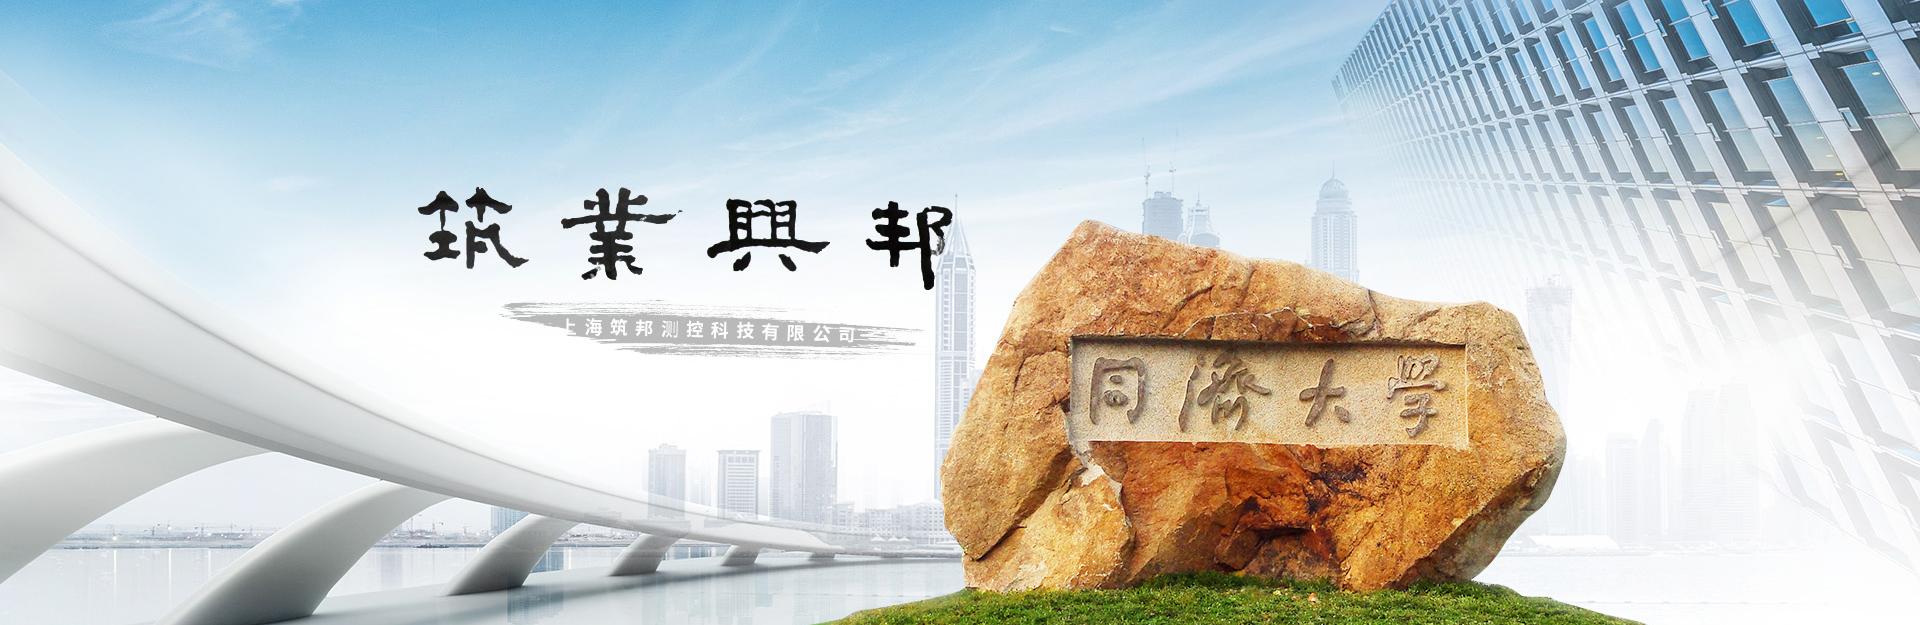 上海筑邦测控科技有限公司